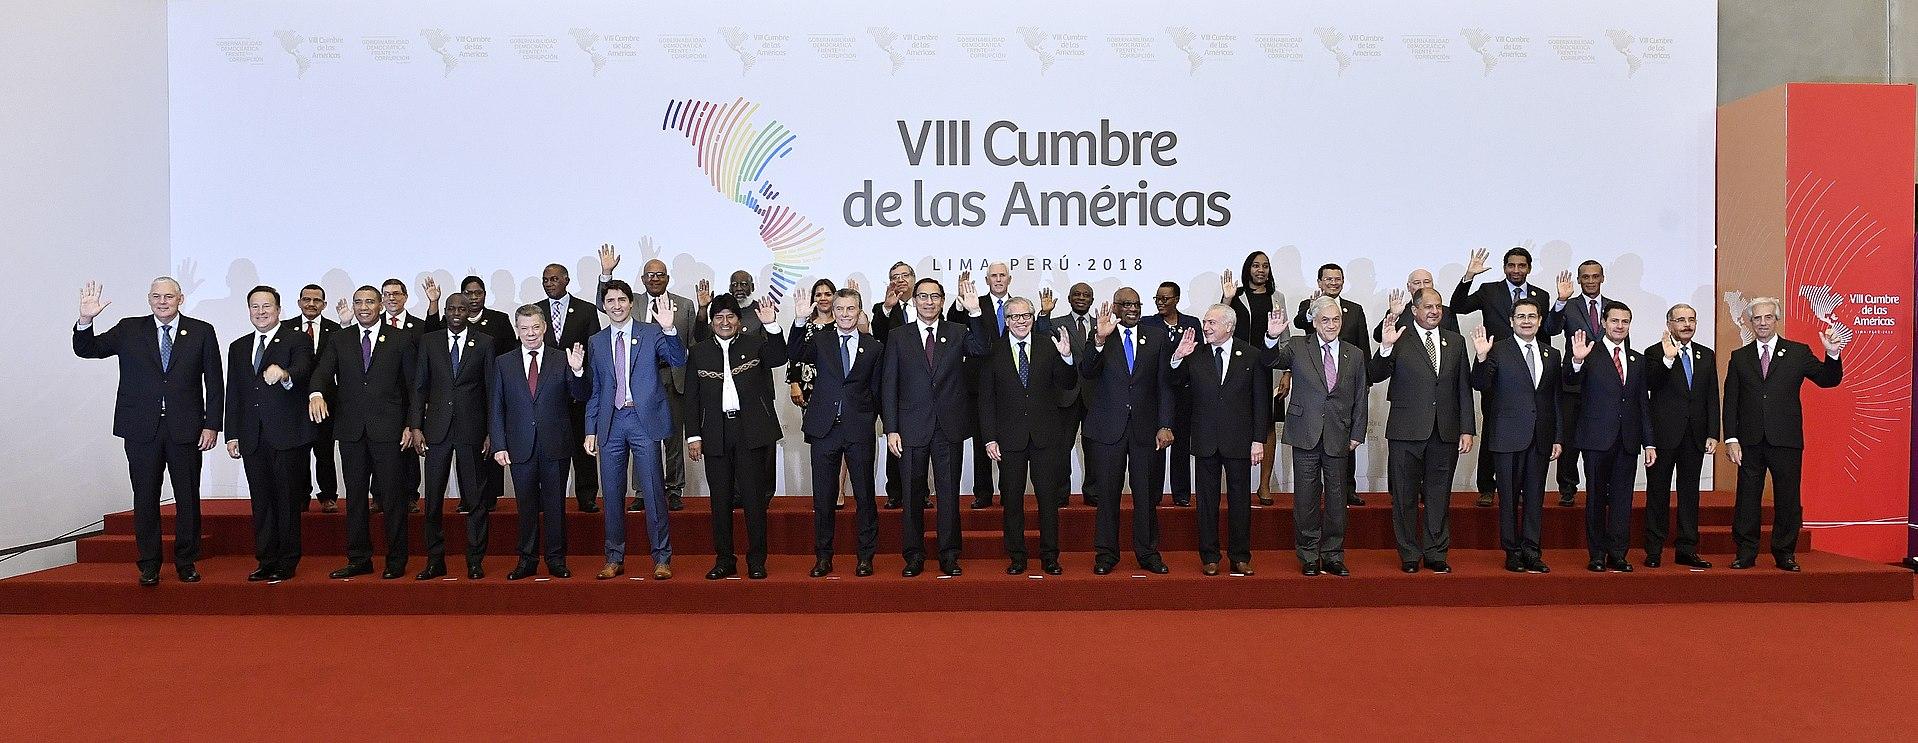 Foto: Ministerio de Relaciones Exteriores.